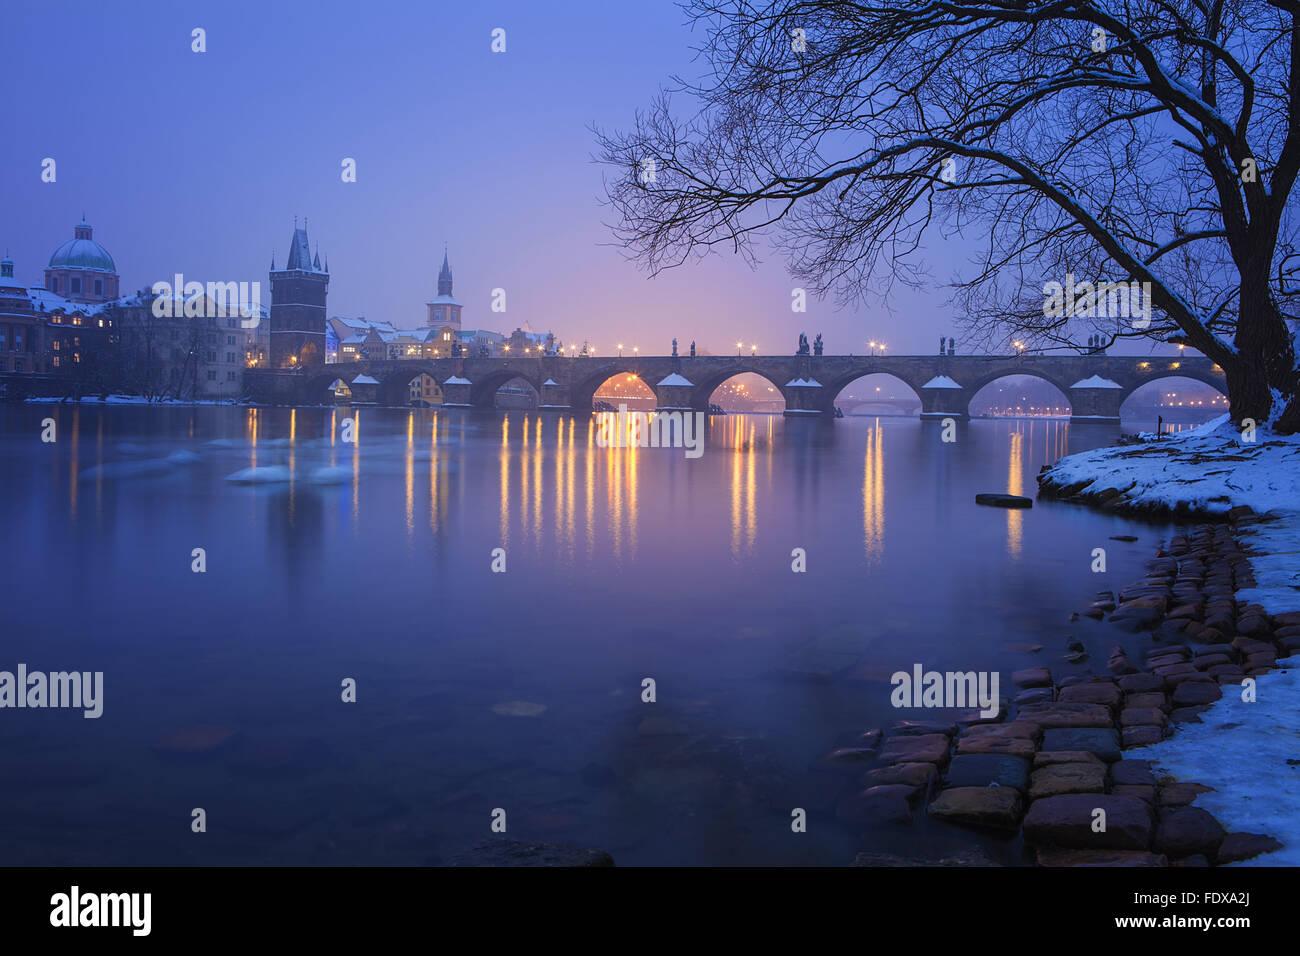 Al crepuscolo con il Charles Bridge, Praga, Repubblica Ceca Immagini Stock